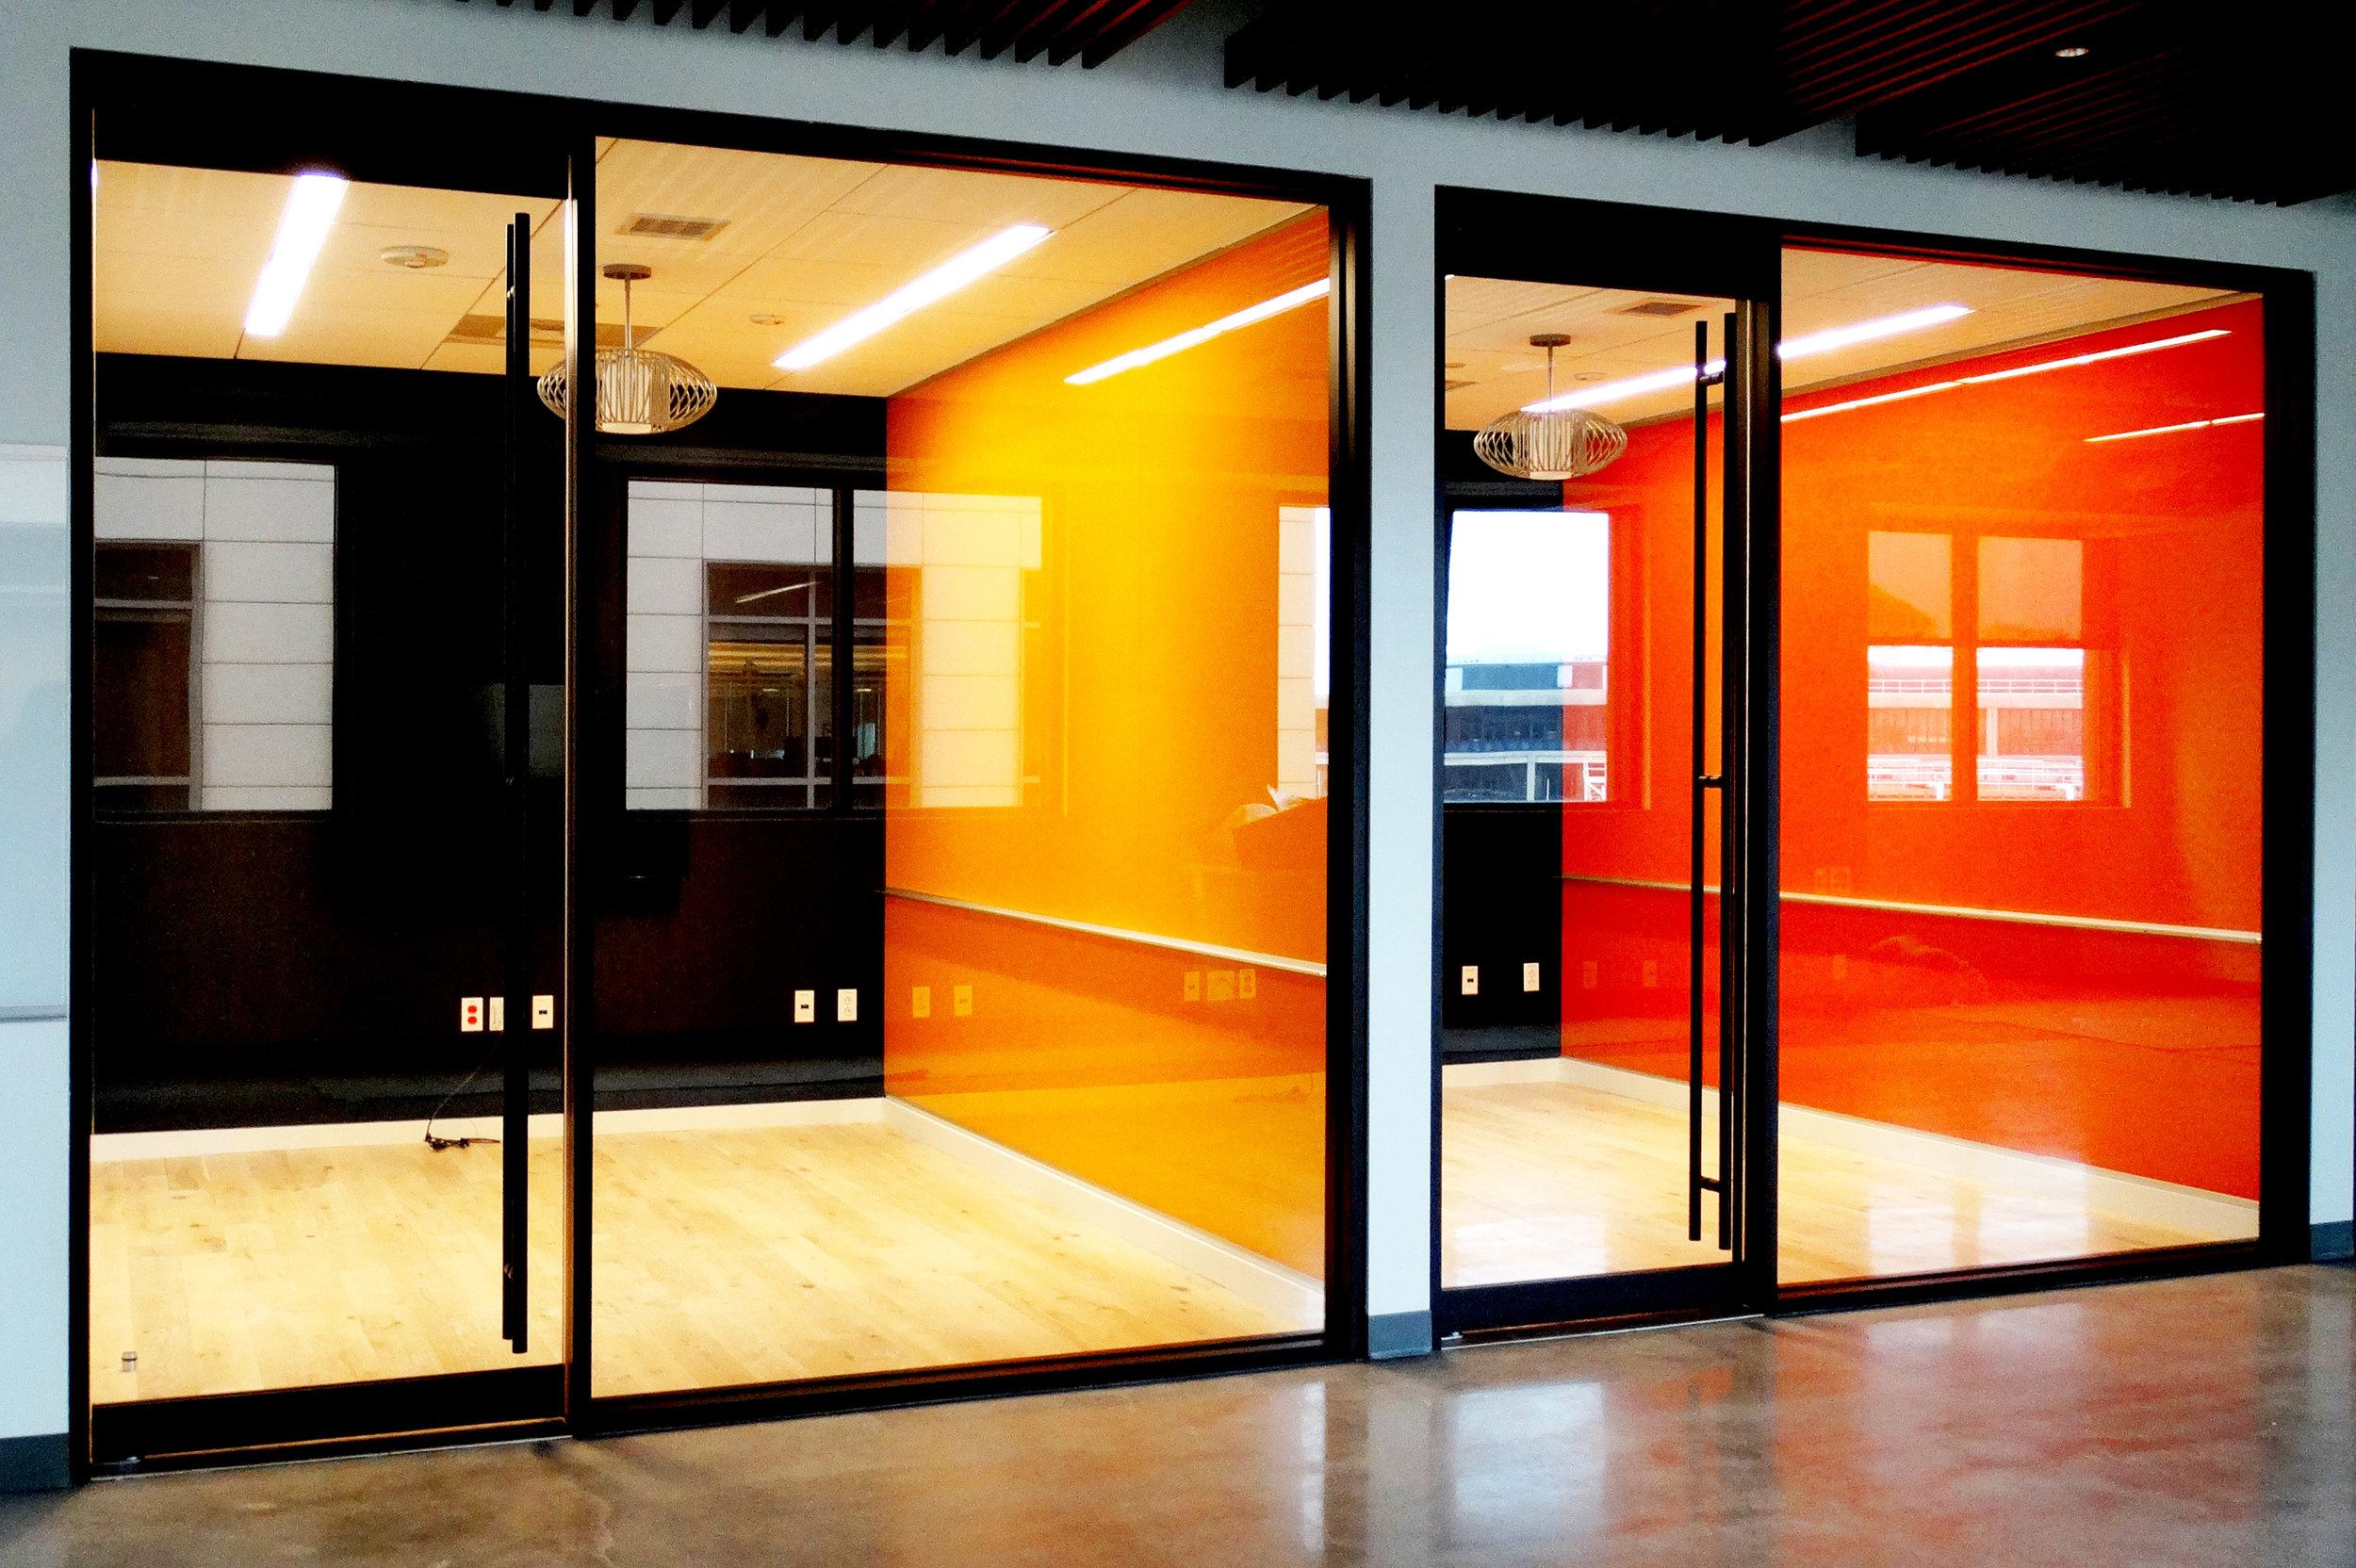 Encase Black Aluminum Framed Glass Wall Frameless Glass Rail Doors - Spaceworks AI.jpg